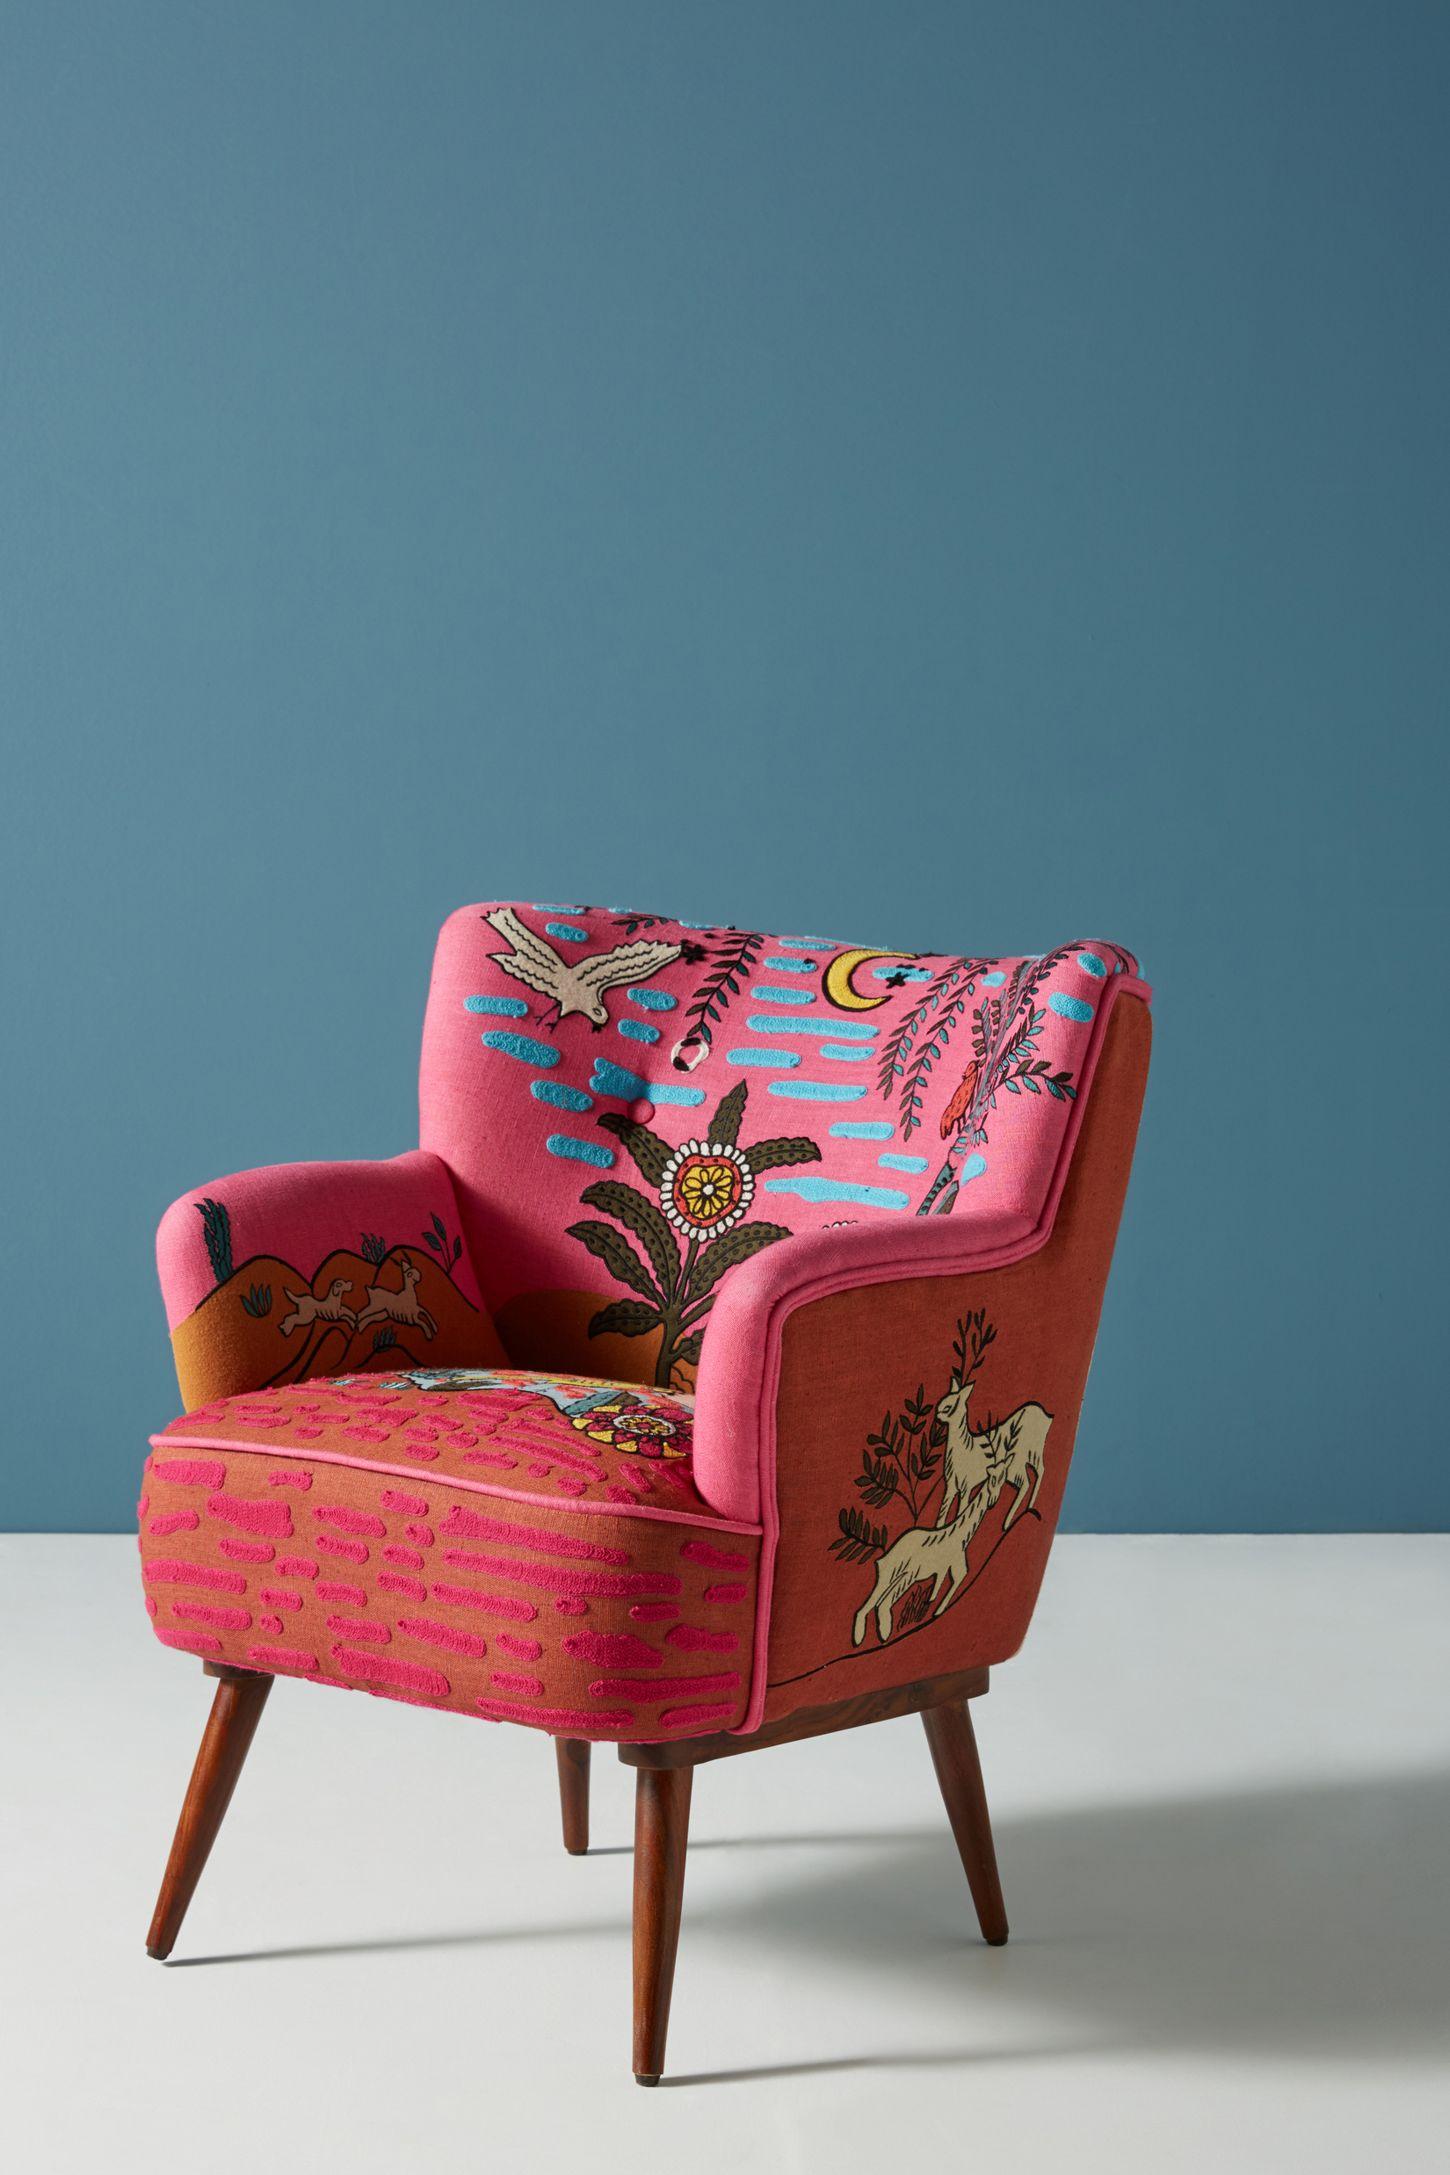 Pink - Unique Furniture & Designer Furniture | Anthropologie